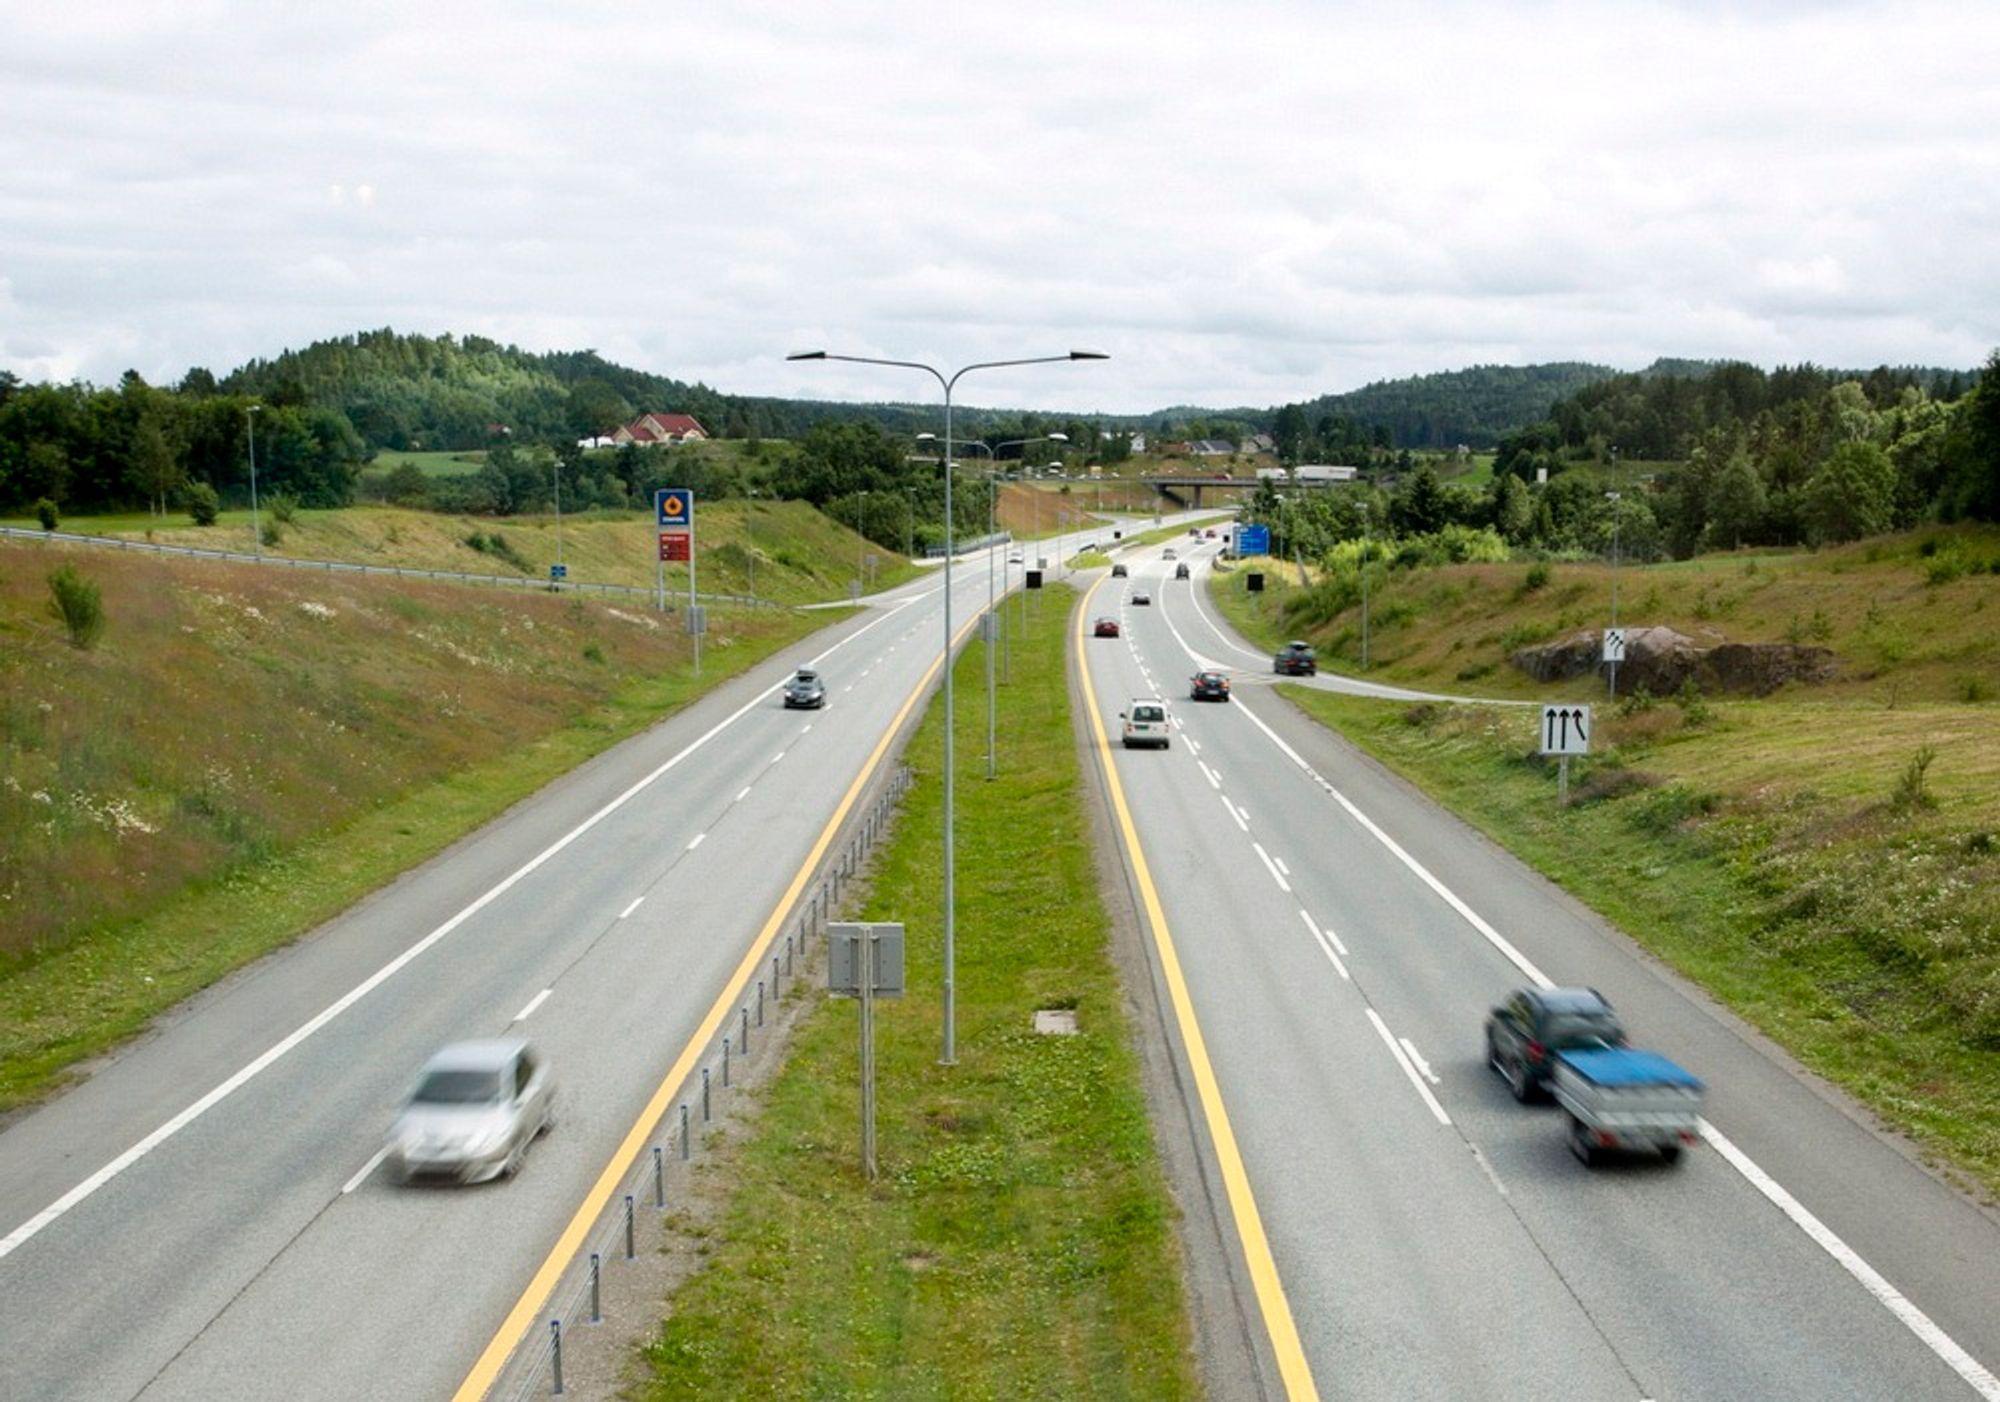 Statens vegvesen mener det er behov for ytterligere 230 mil med midtdelere på norske veier. Dette vil minske sjansene for alvorlige ulykker med 75 prosent.